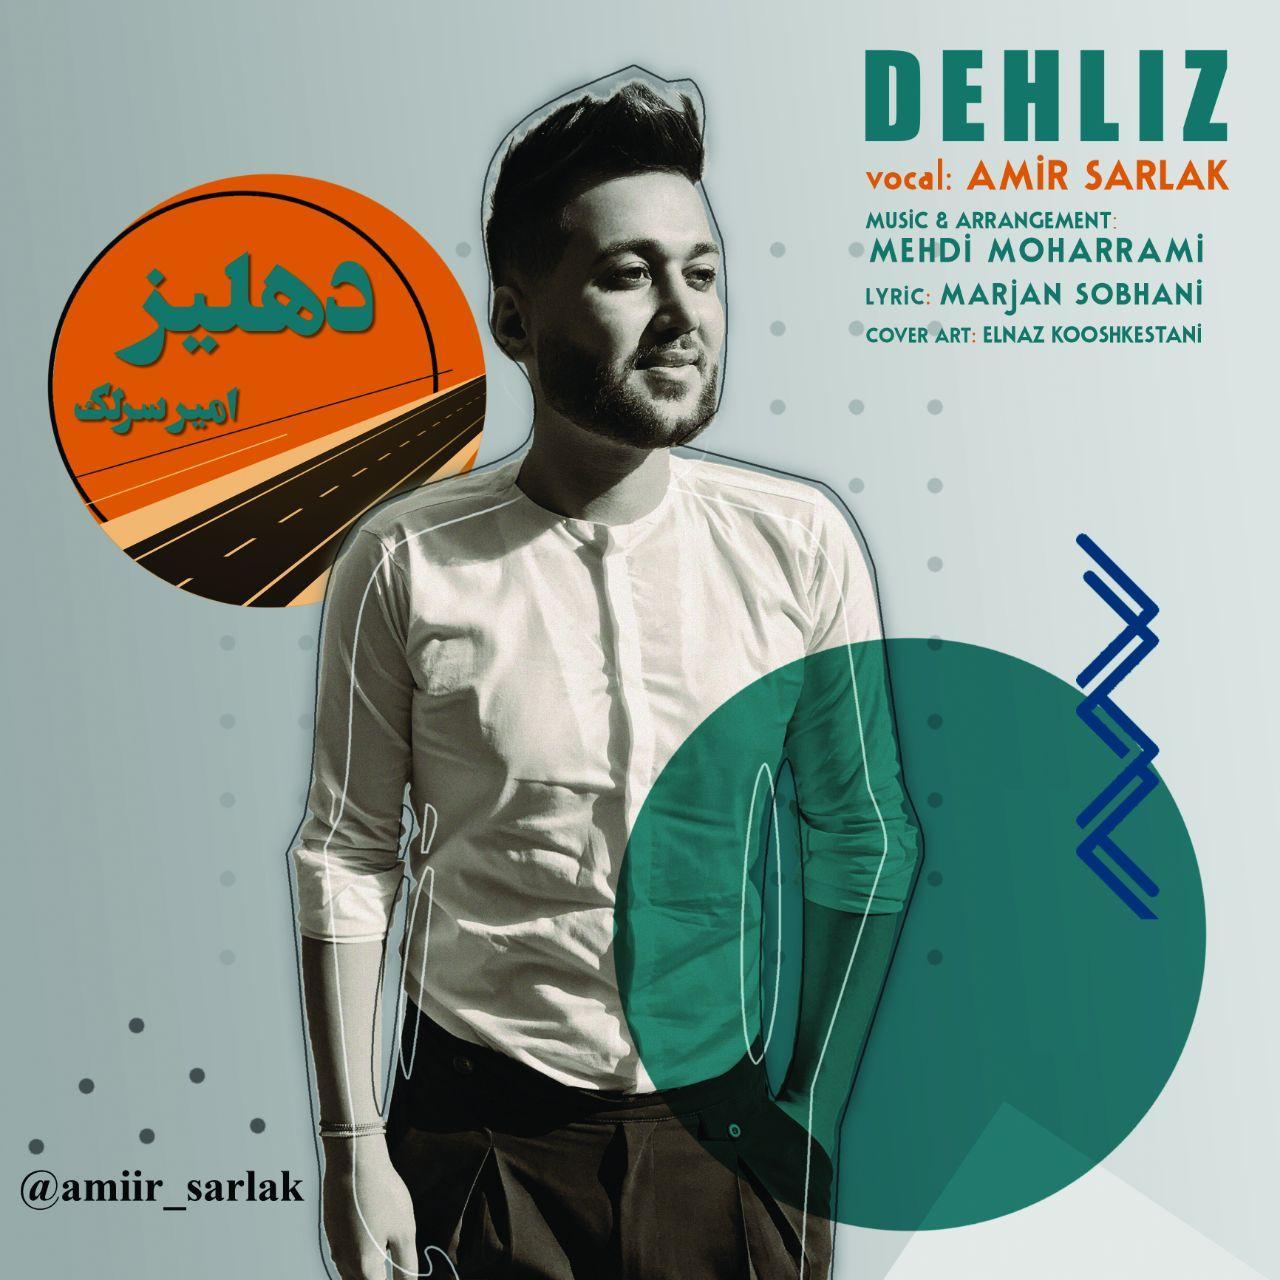 Amir Sarlak – Dehliz